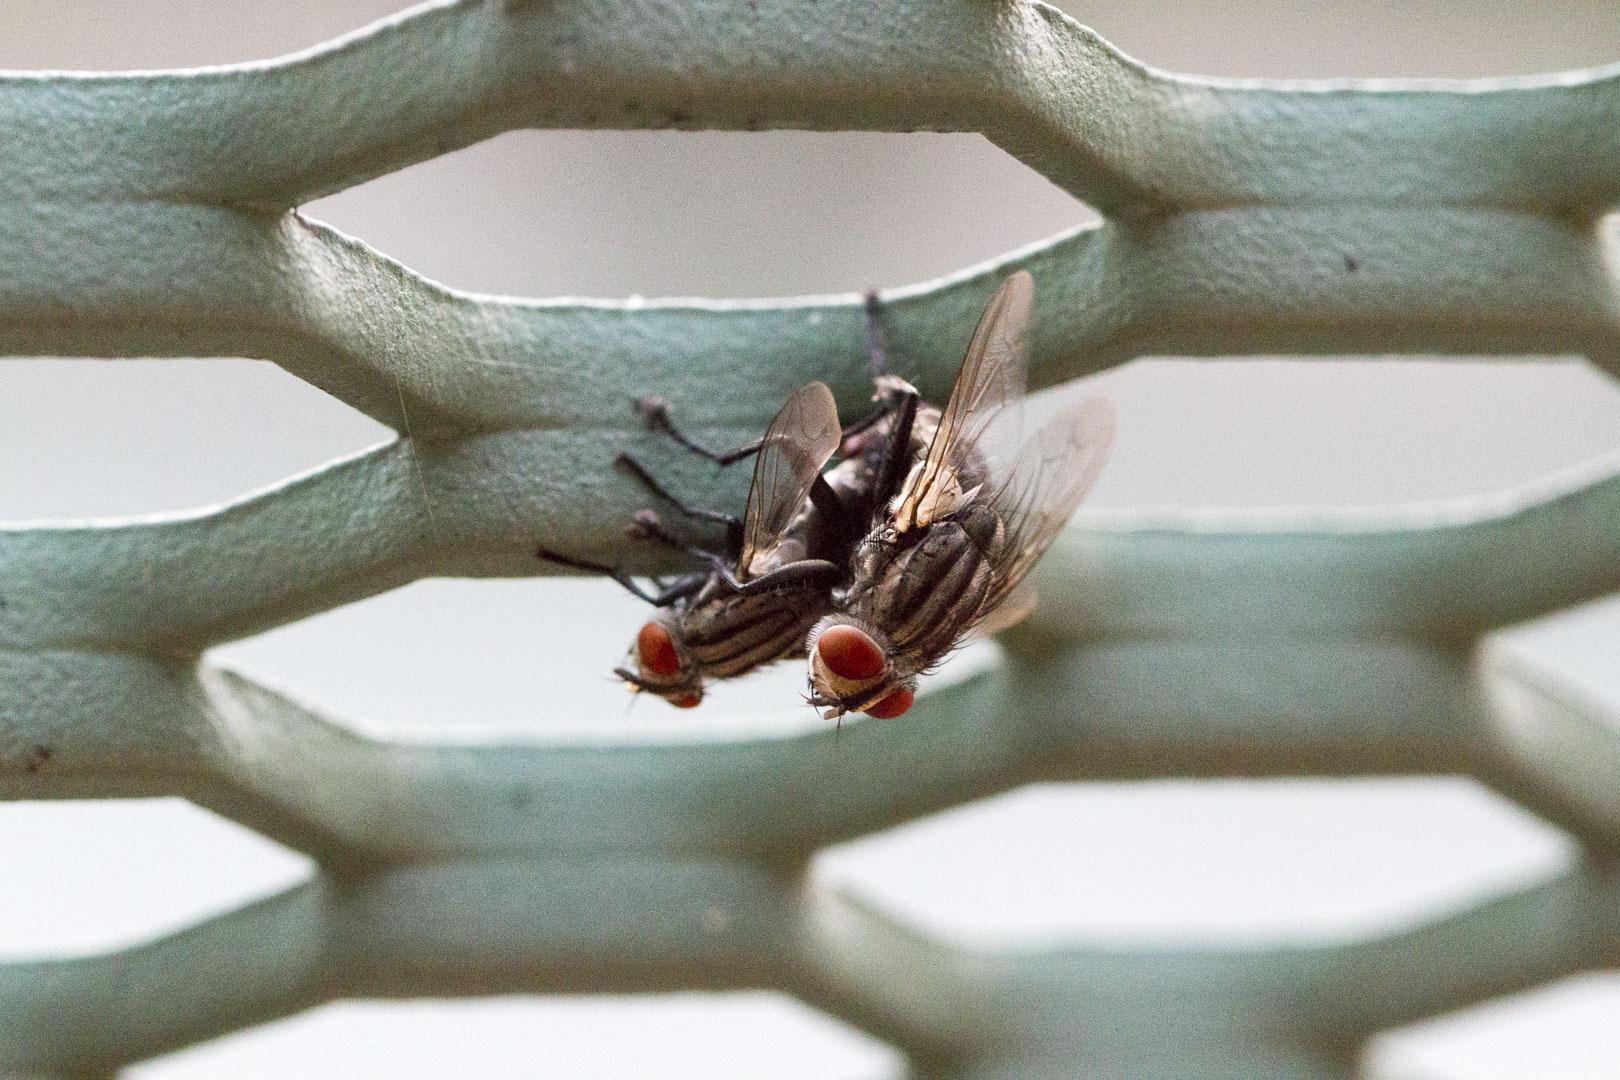 Bugs Macro Photography